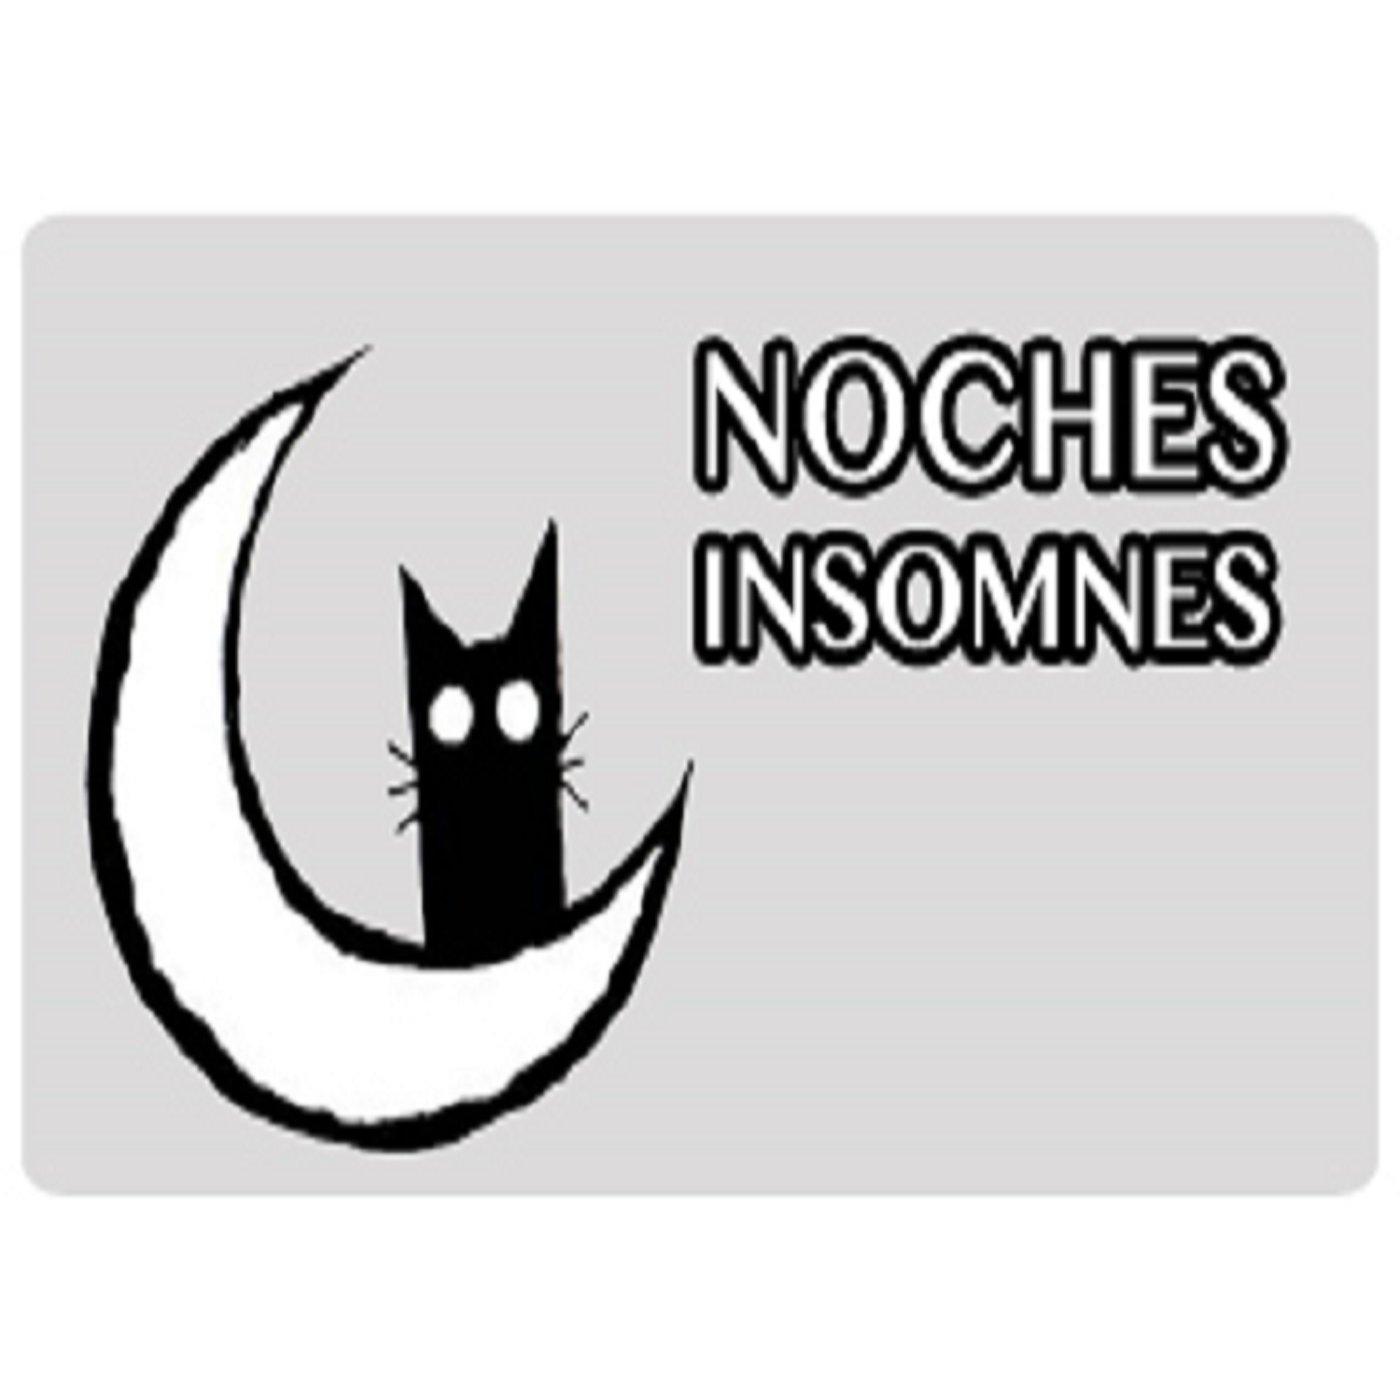 <![CDATA[Noches insomnes]]>